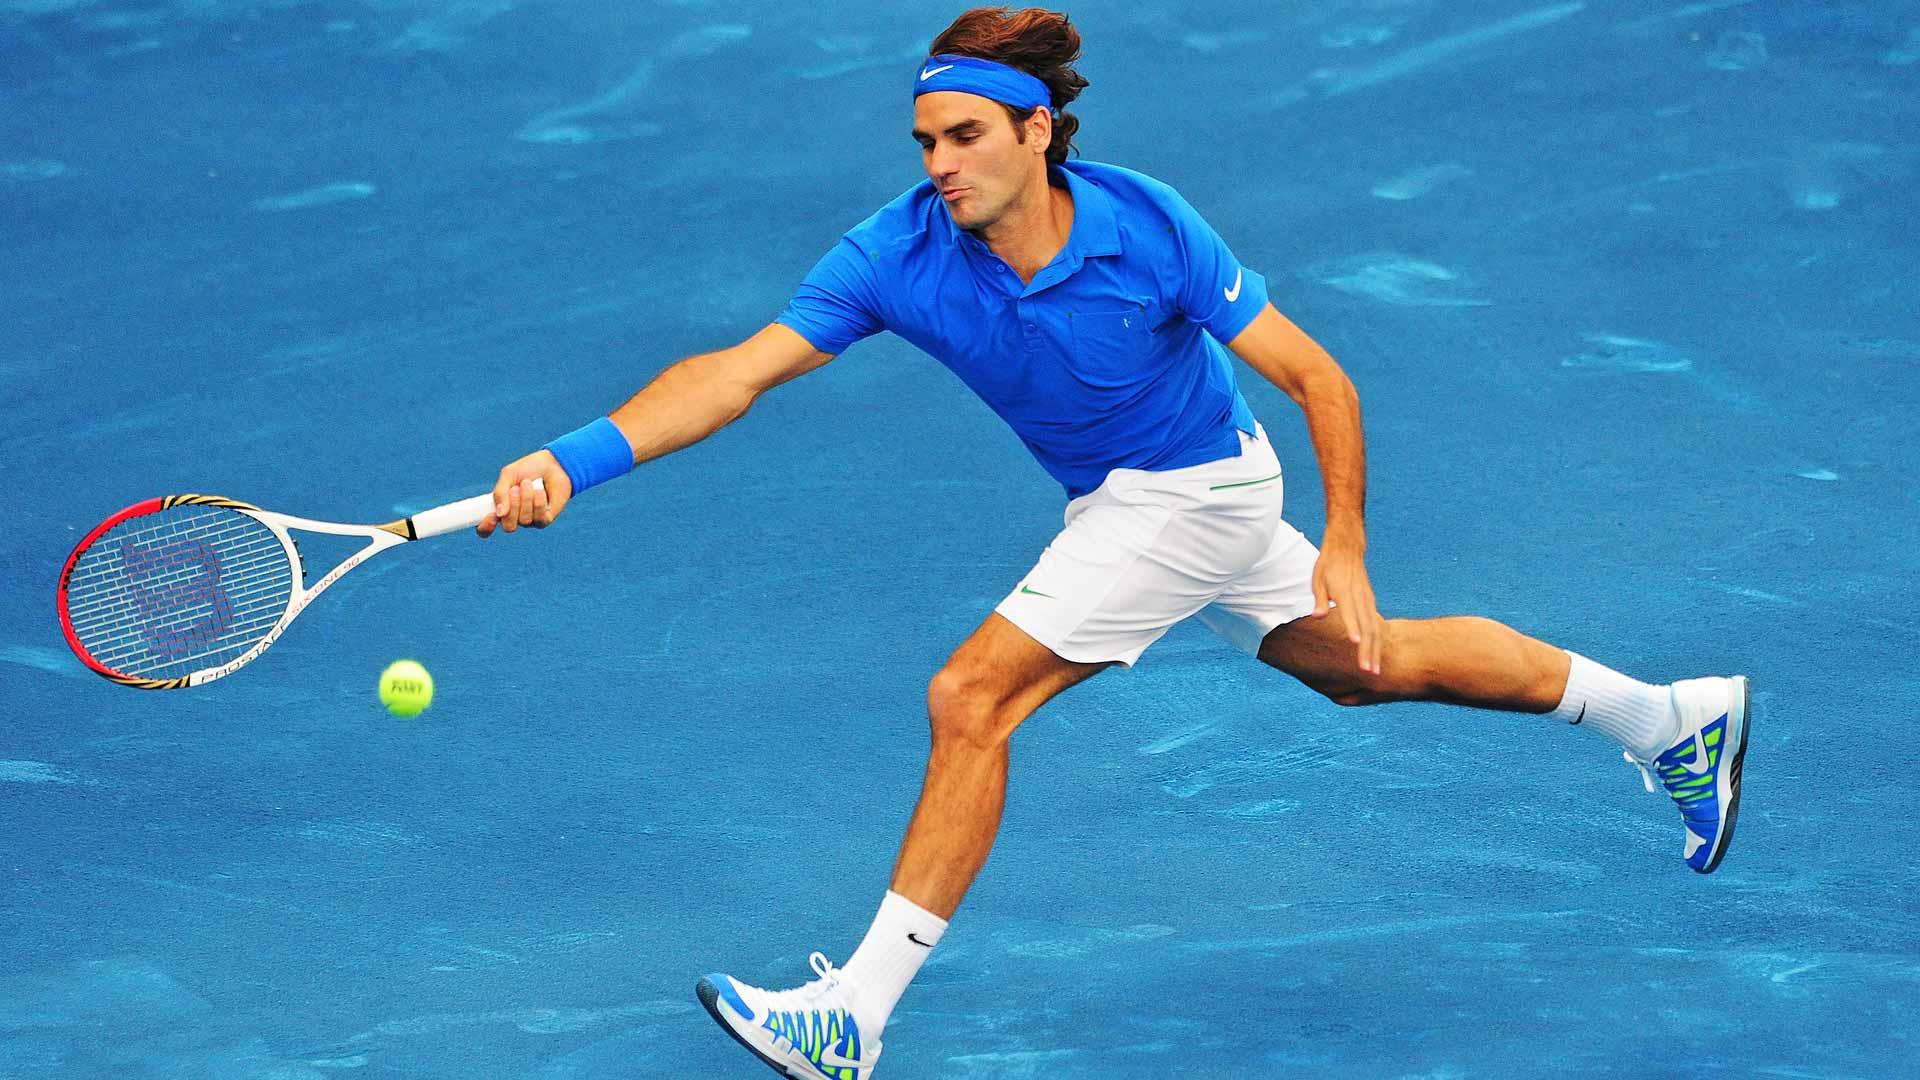 <a href='https://www.atptour.com/en/players/roger-federer/f324/overview'>Roger Federer</a>